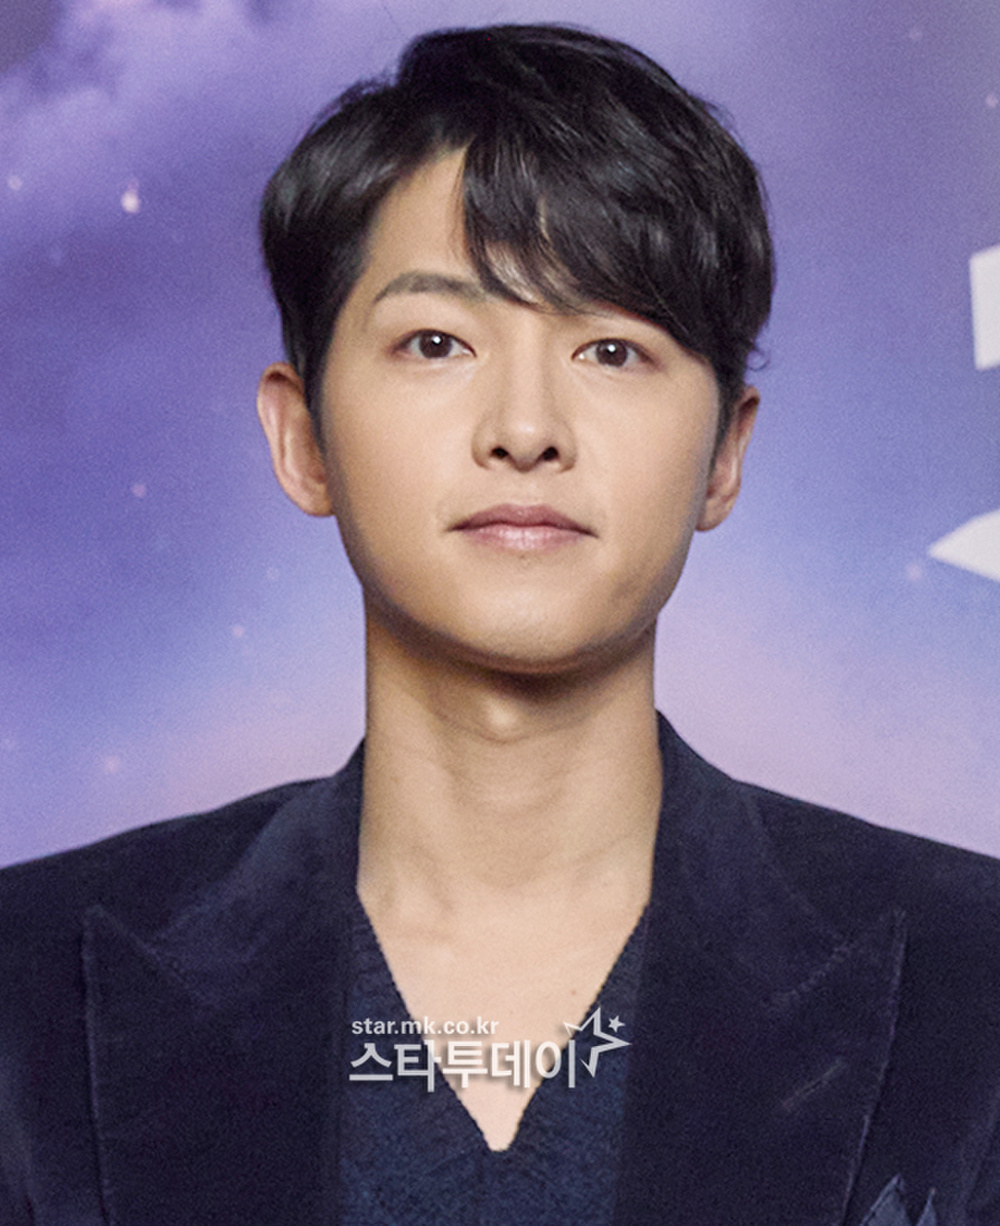 Song Joong Ki kém sắc bên 'tình mới' tại họp báo, Song Hye Kyo trẻ đẹp như gái đôi mươi hậu ly hôn! Ảnh 5